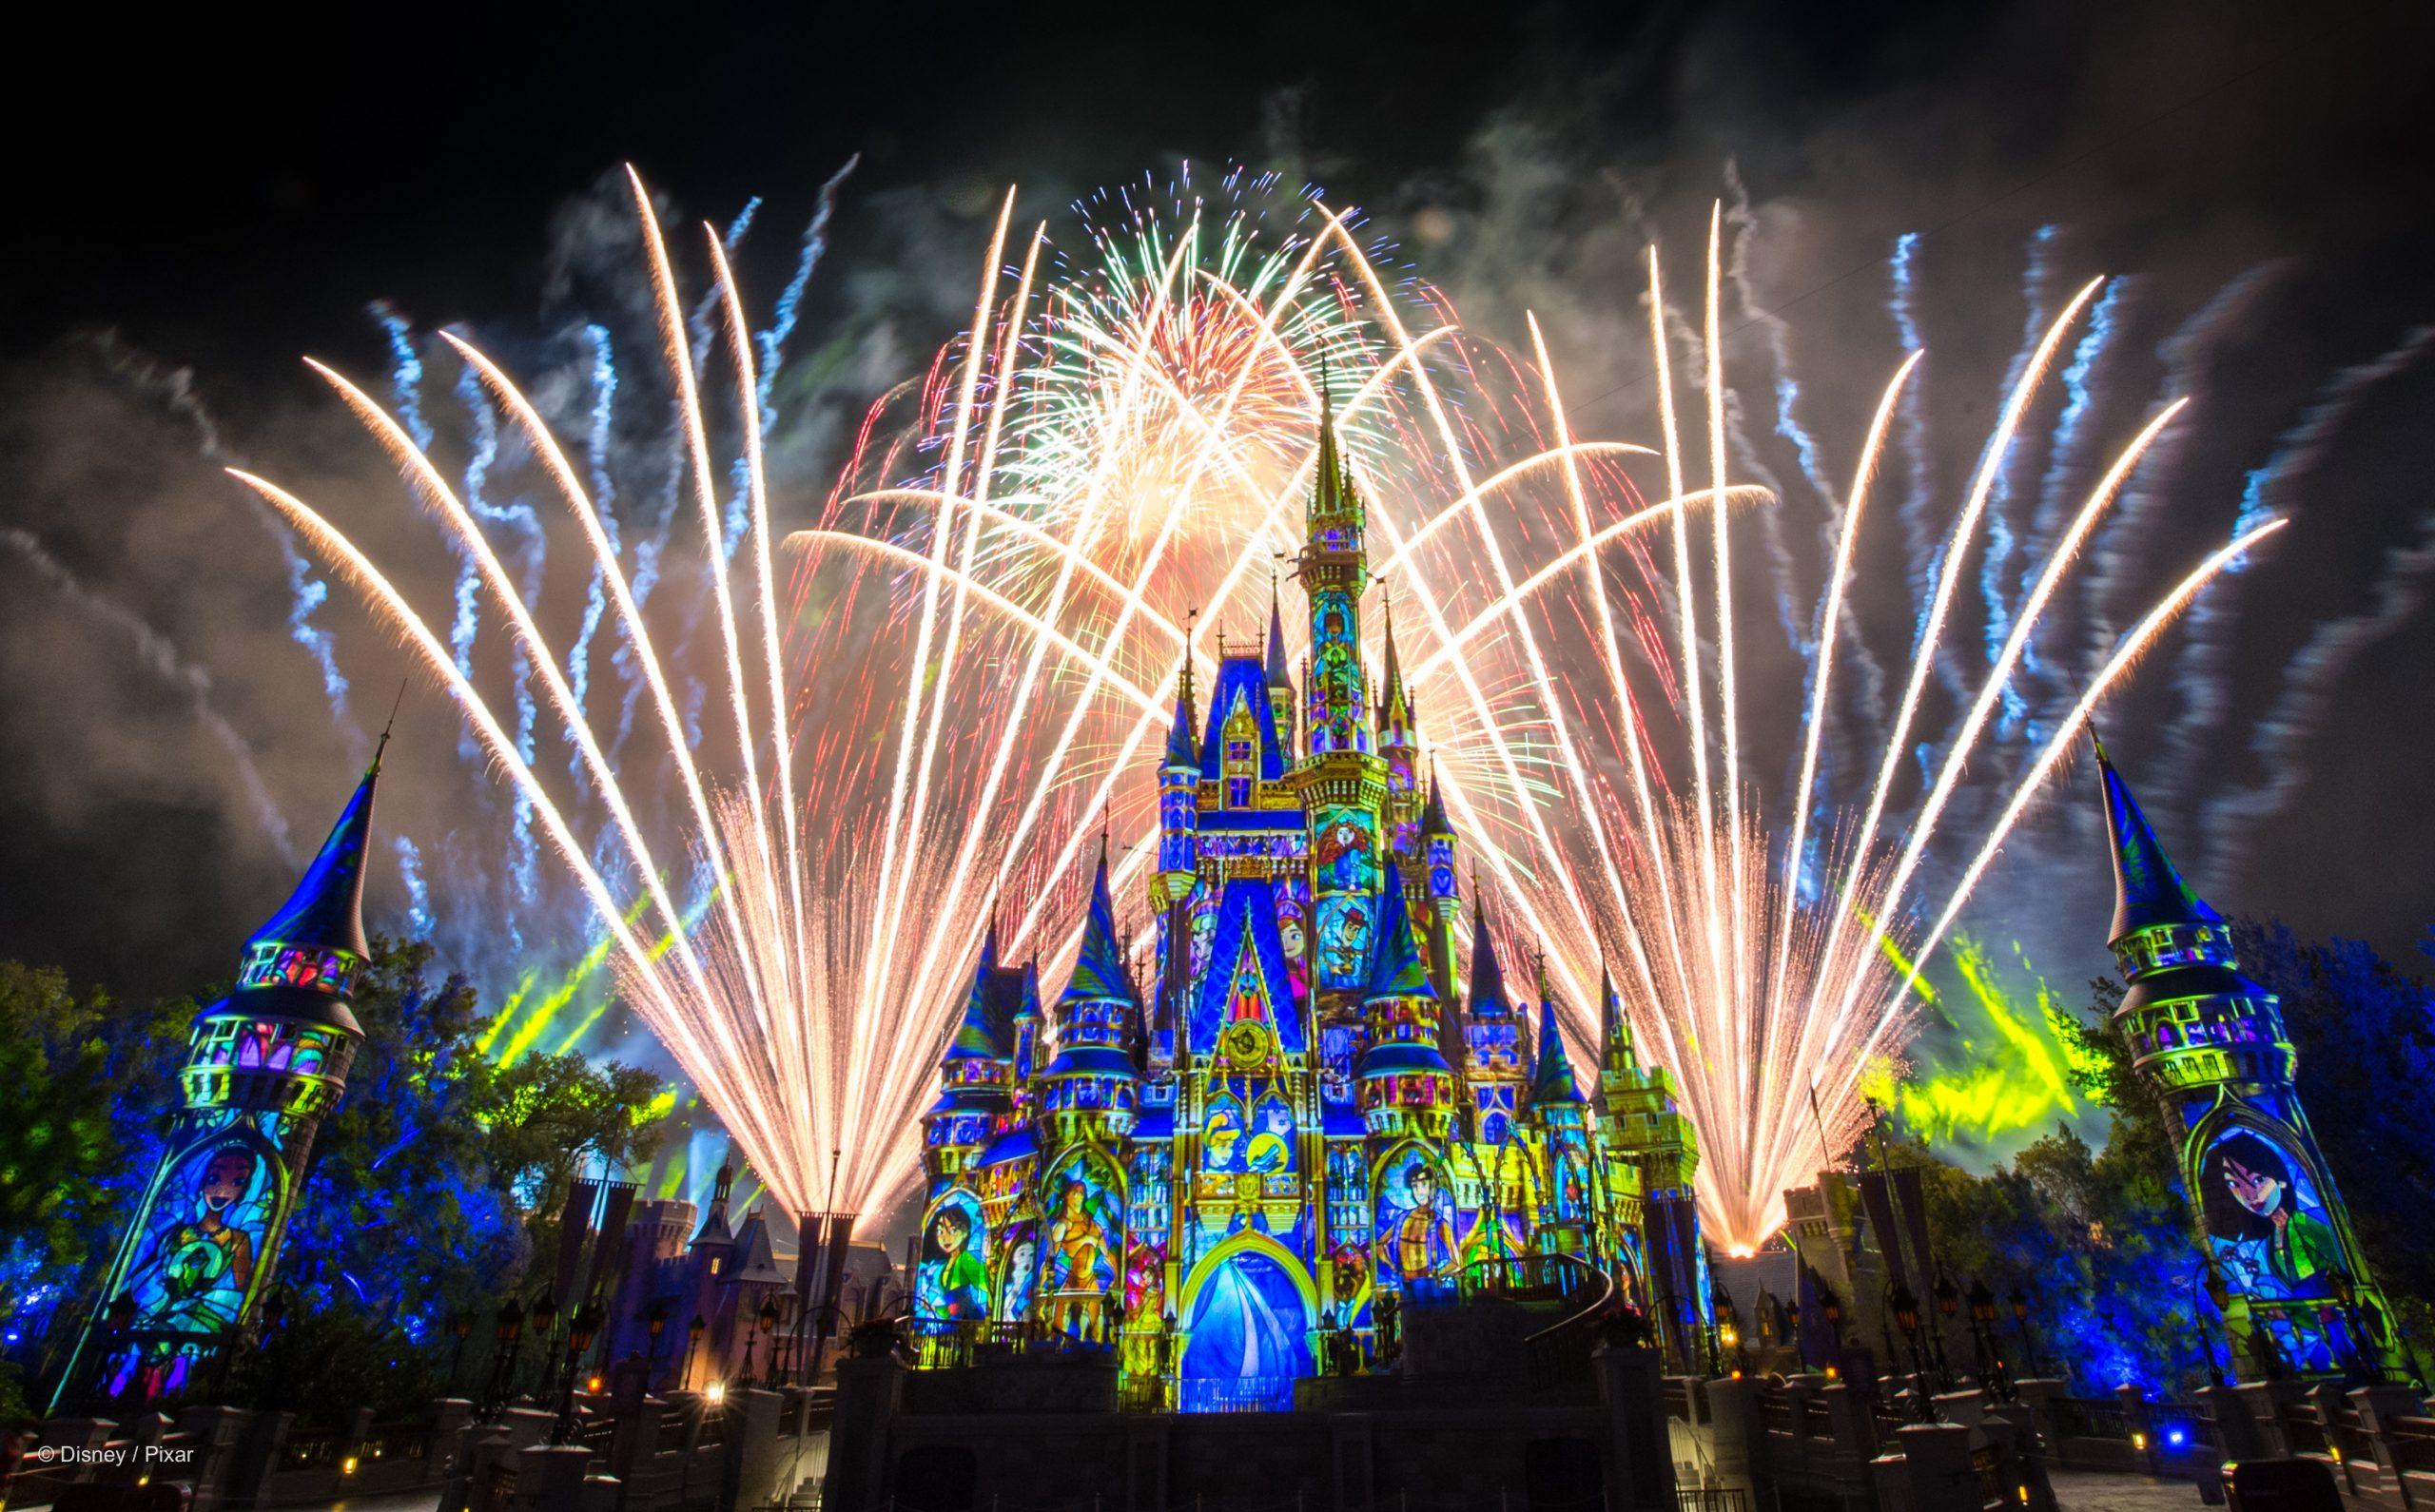 cinderellas-castle-nightly-fireworks-spectacular_disney-parks-blog